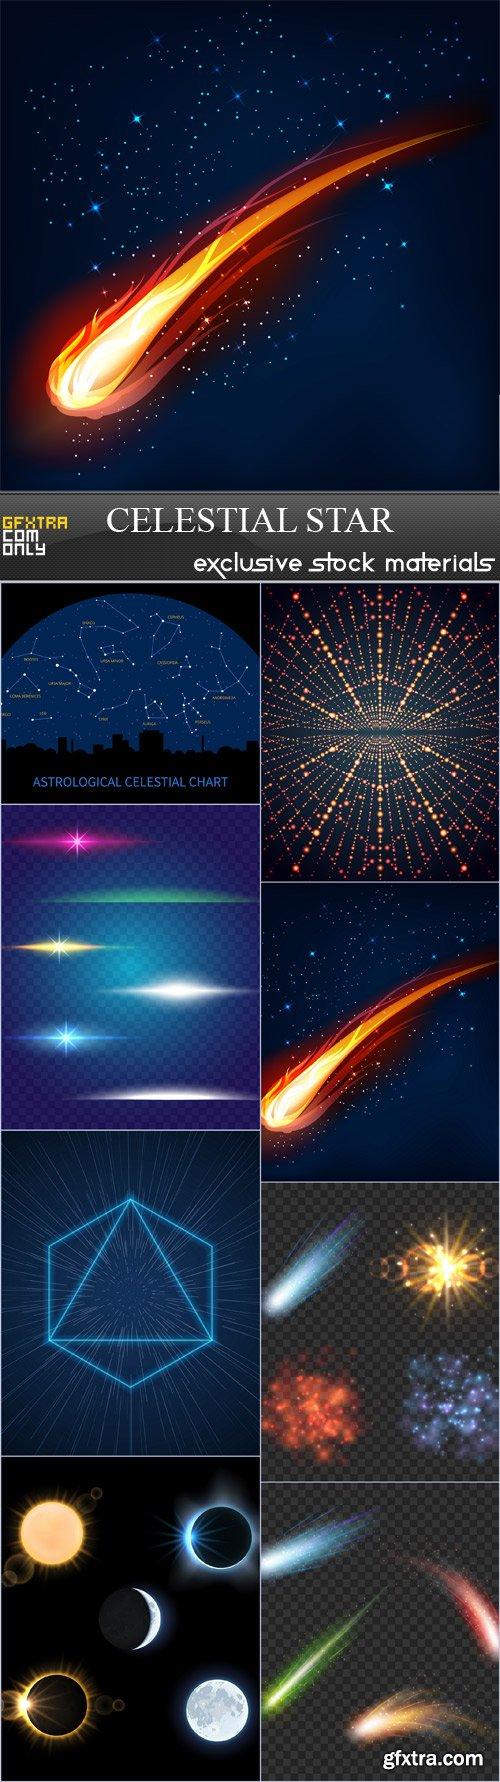 Celestial Star - 8 EPS